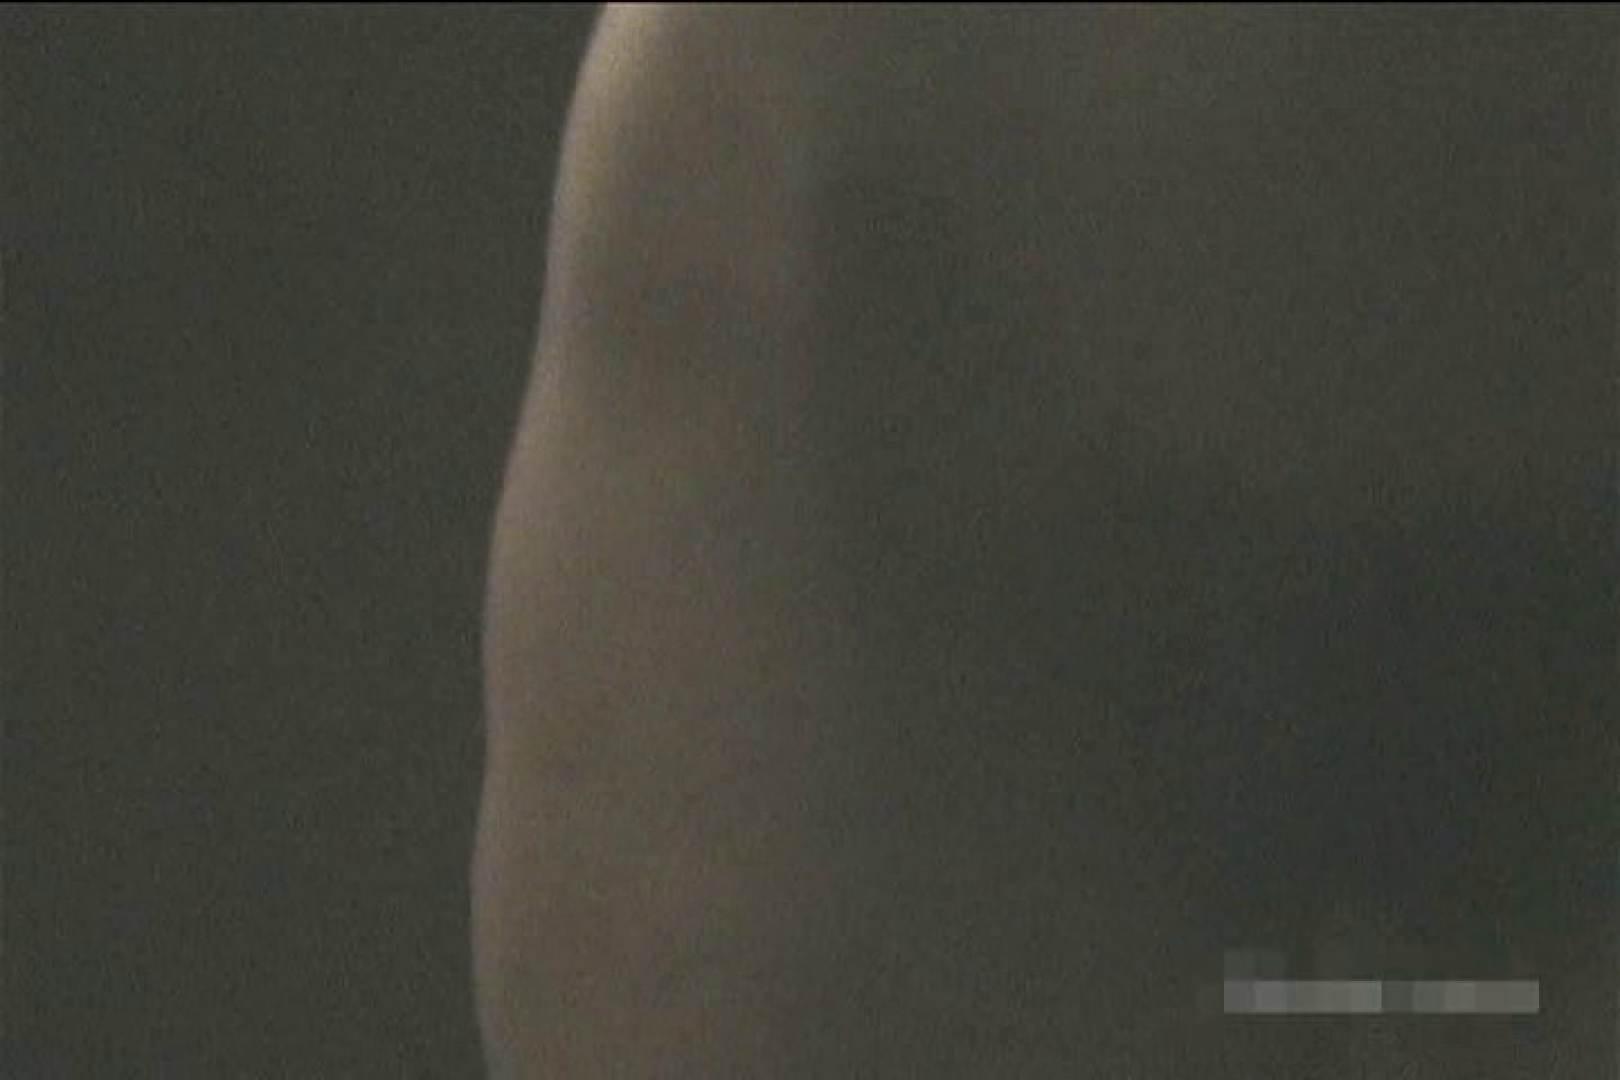 全裸で発情!!家族風呂の実態Vol.1 濃厚セックス 隠し撮りオマンコ動画紹介 78PICs 58